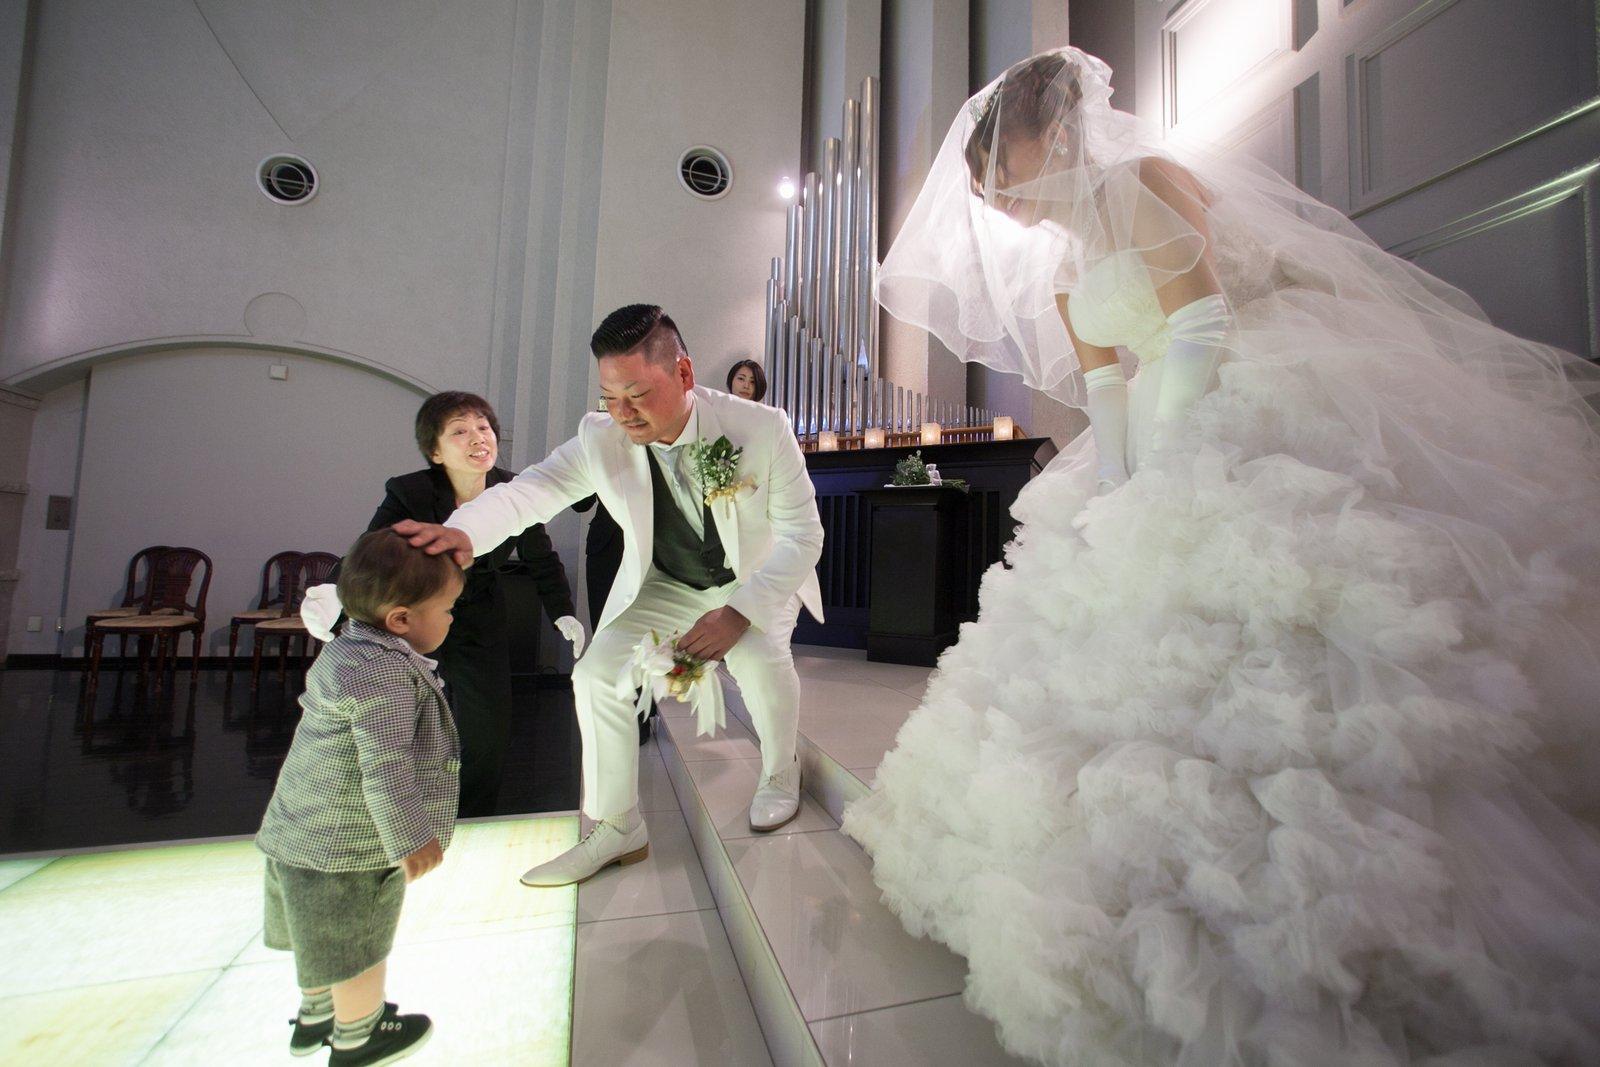 香川の結婚式場シェルエメール&アイスタイル リングボーイ